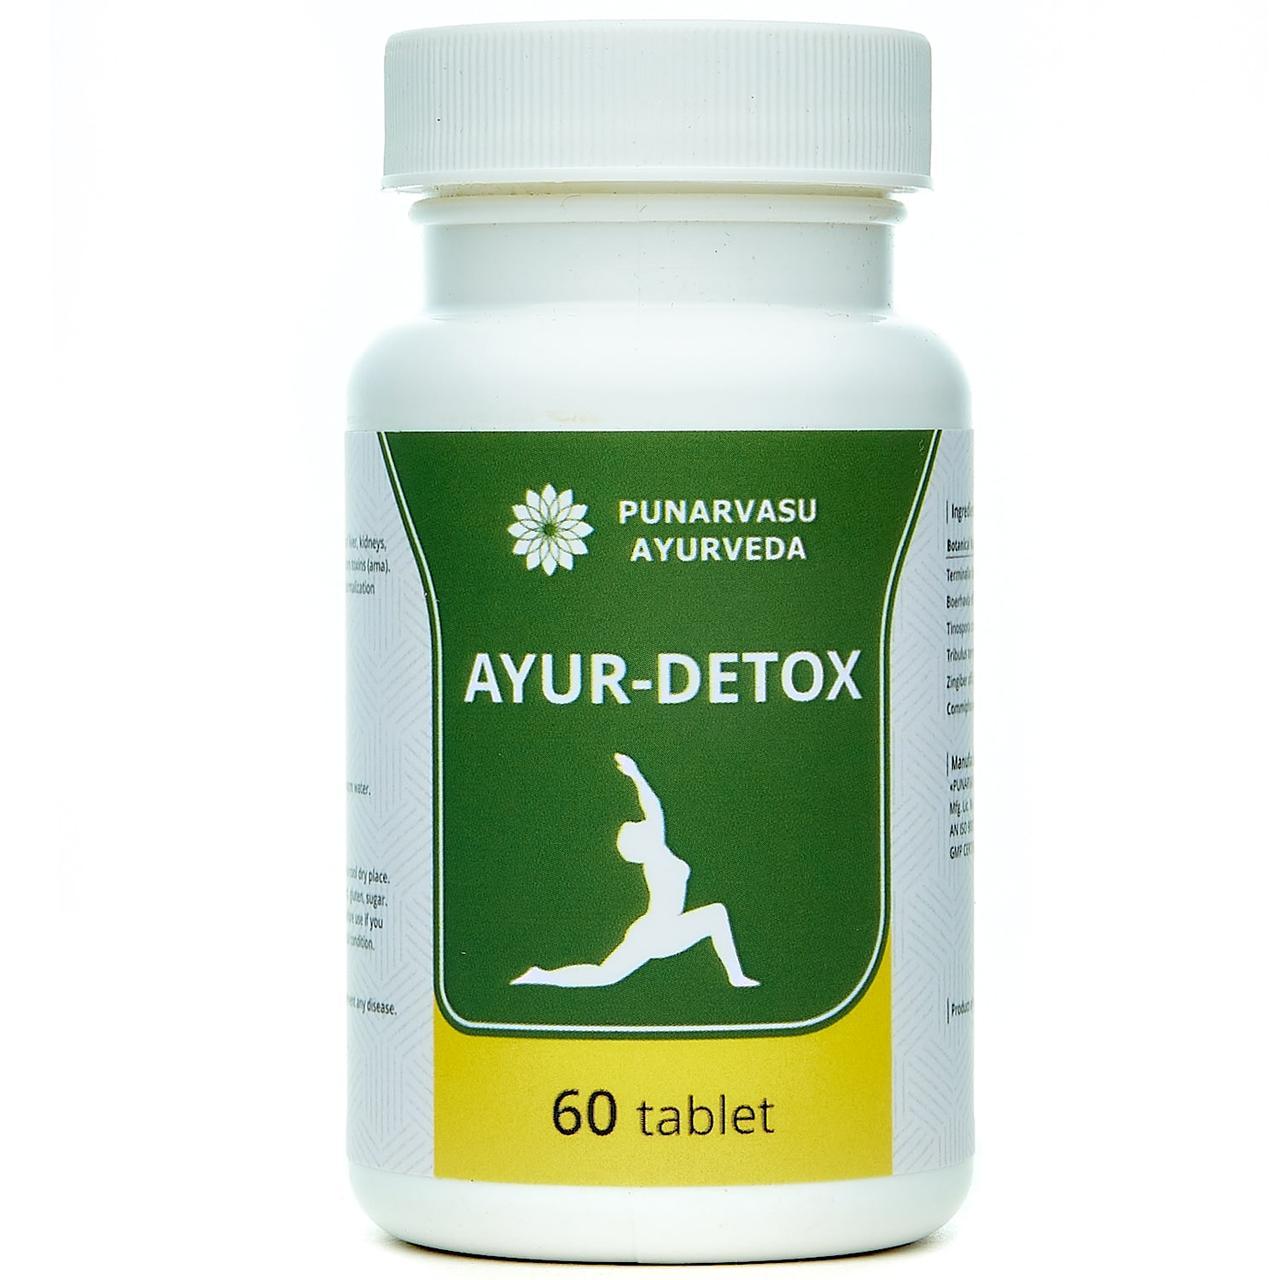 Аюр детокс / Ayur Detox - усунення токсинів, схуднення і поліпшення травлення - Пунарвасу - 60 таб